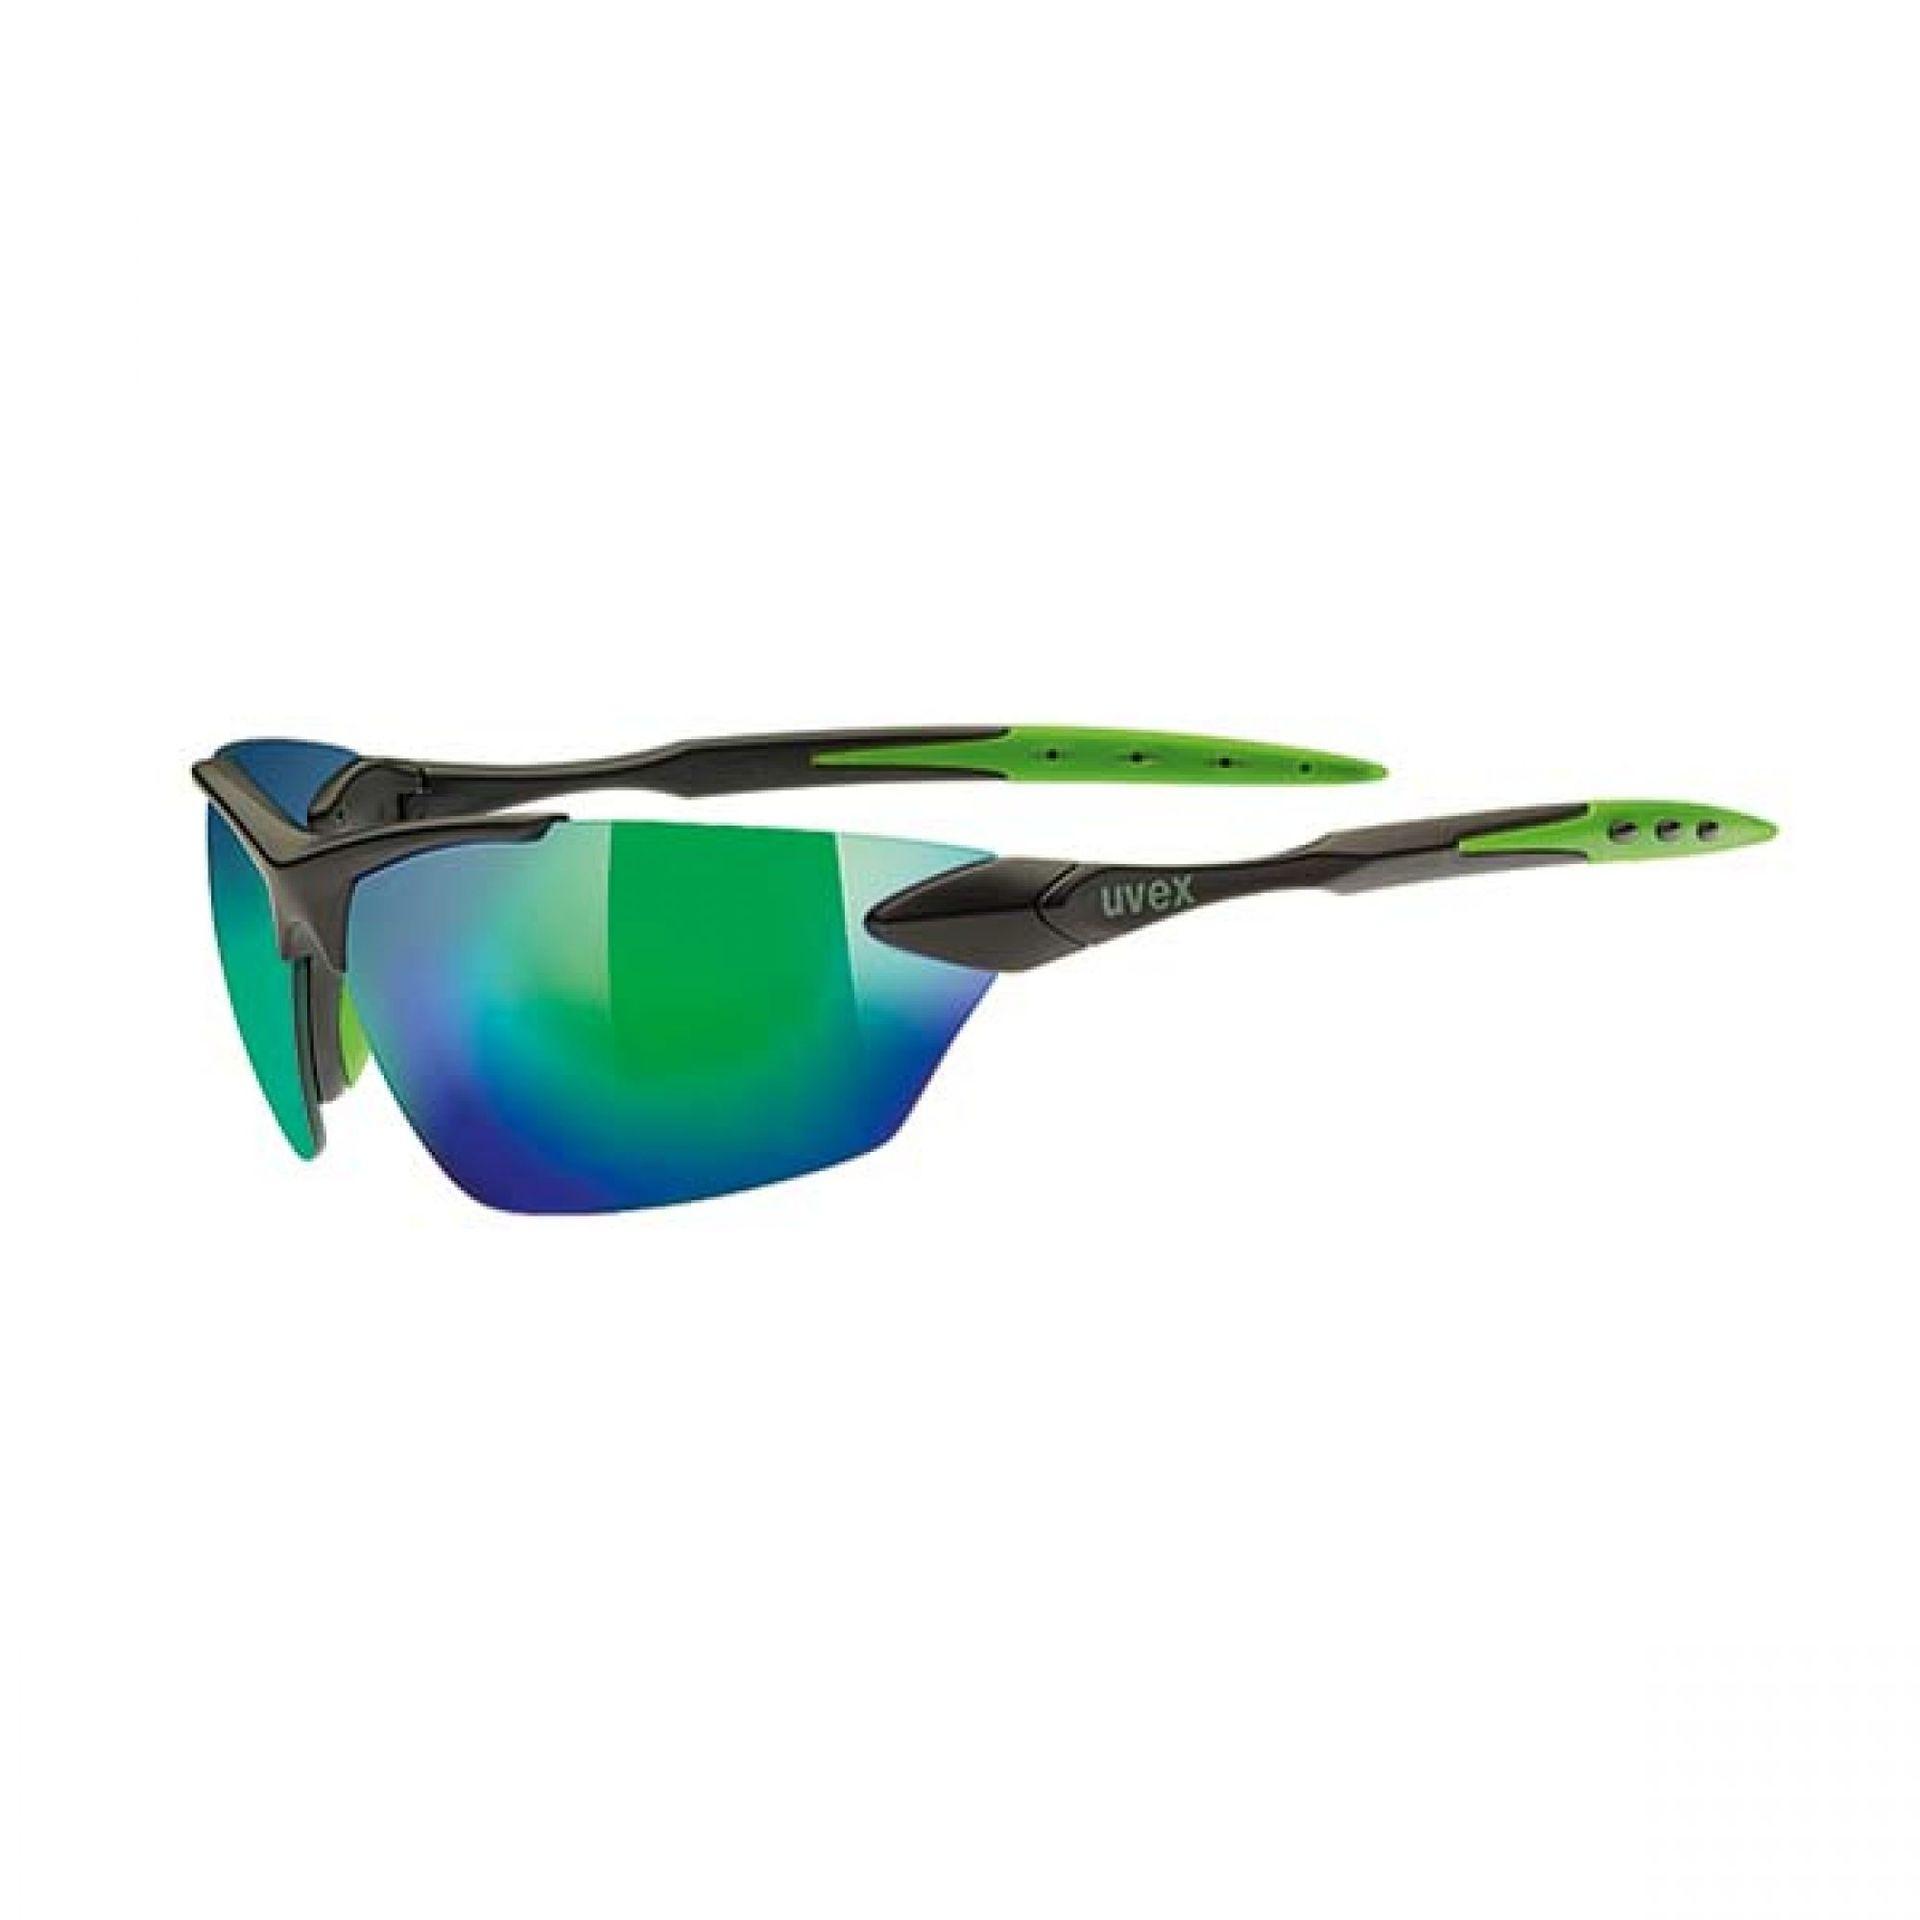 Okulary Uvex Sportstyle 203 czarny|zielony